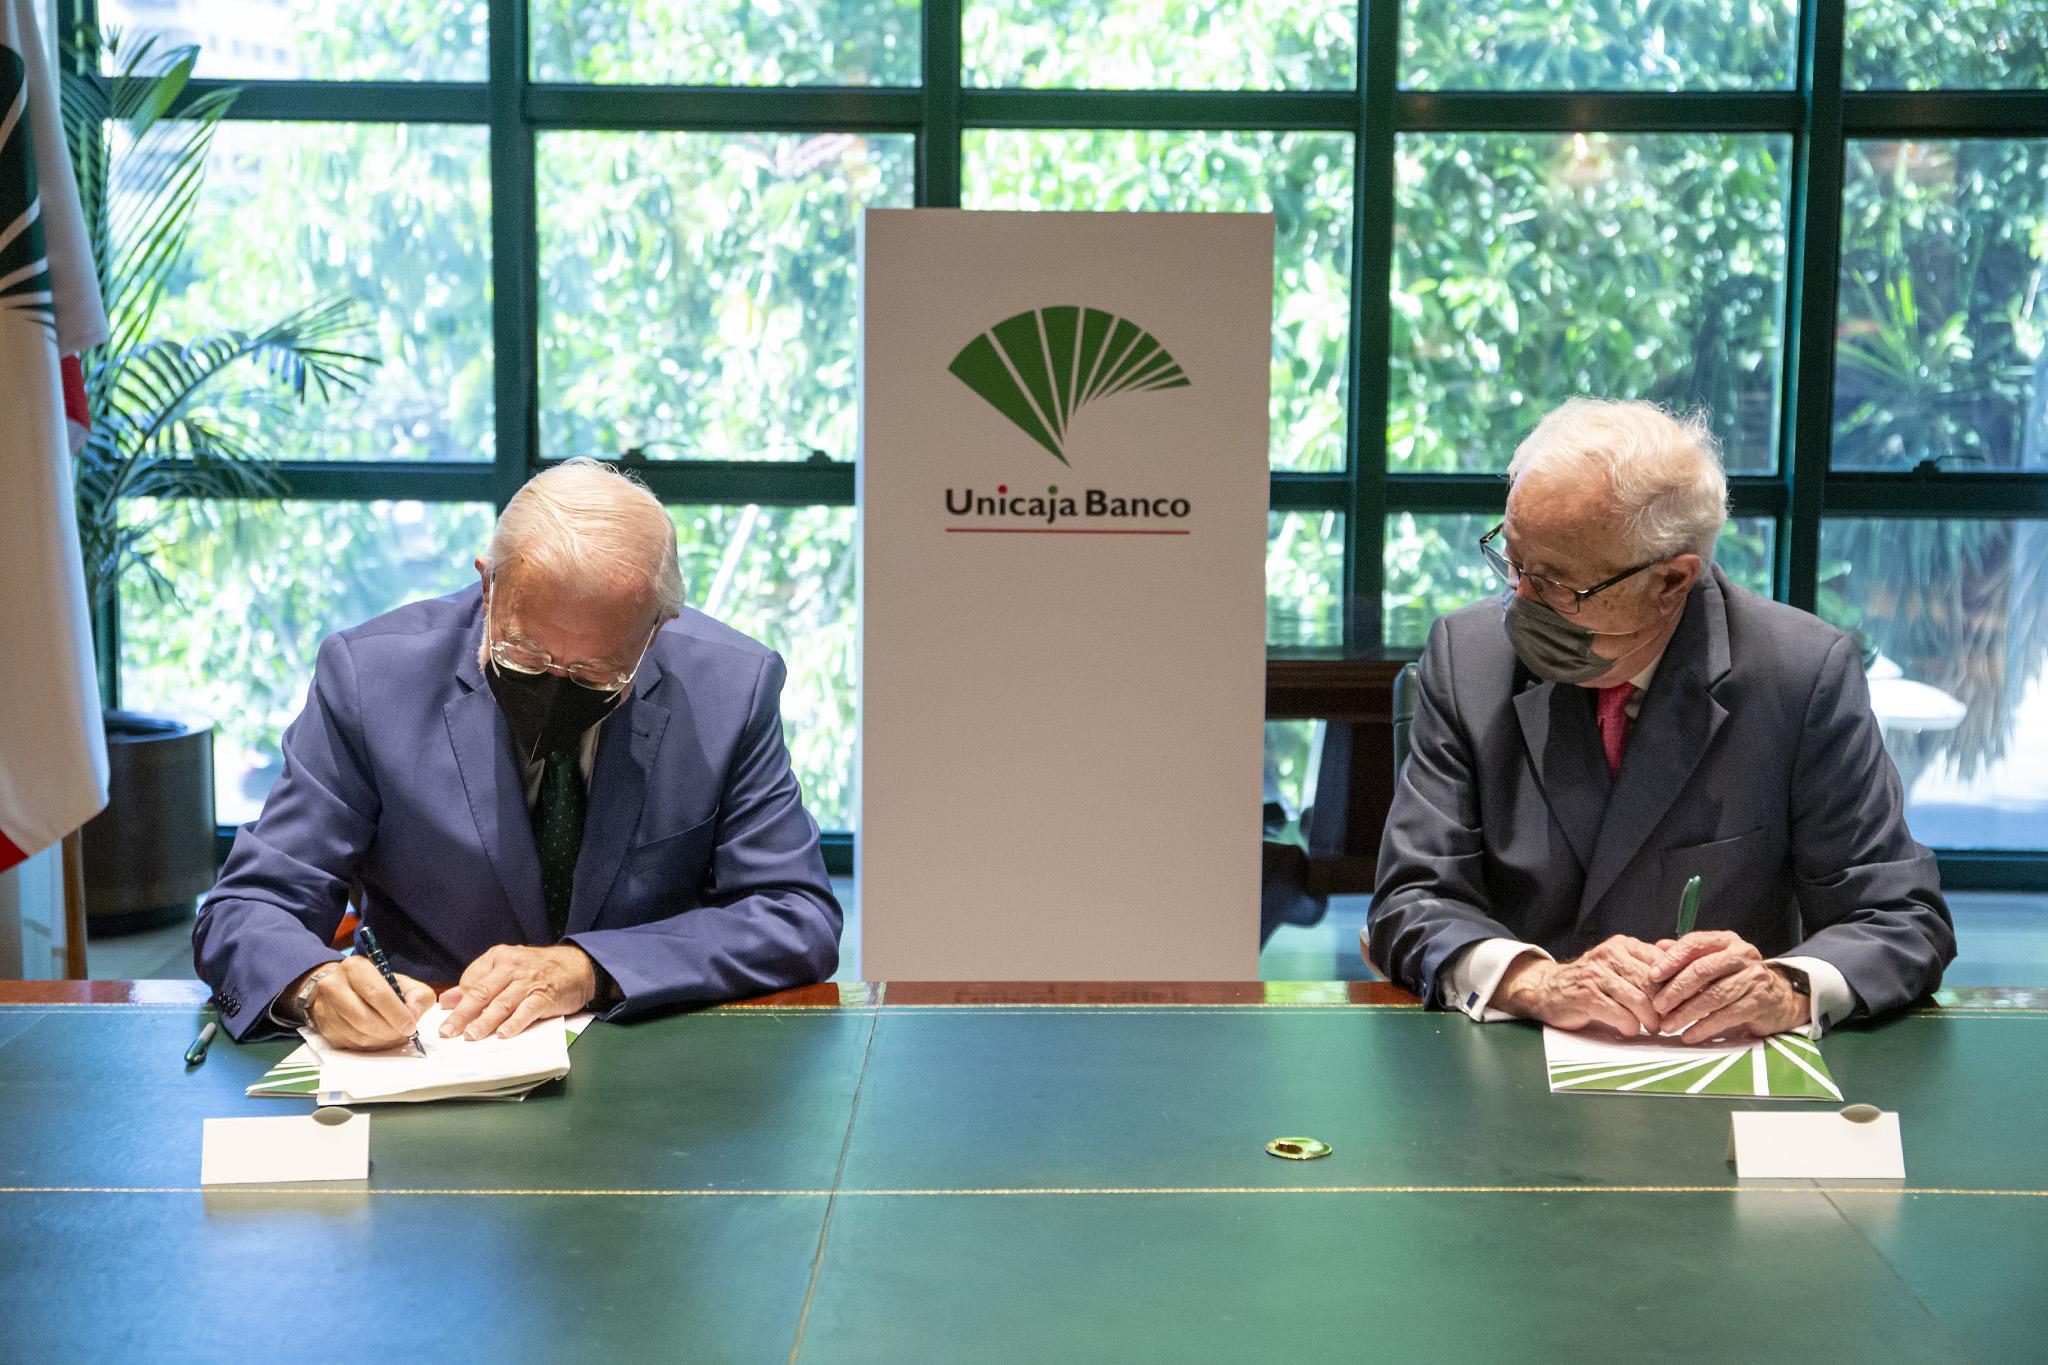 Unicaja Banco culmina la integración legal de Liberbank, que convierte a la entidad fusionada en el quinto mayor banco de España